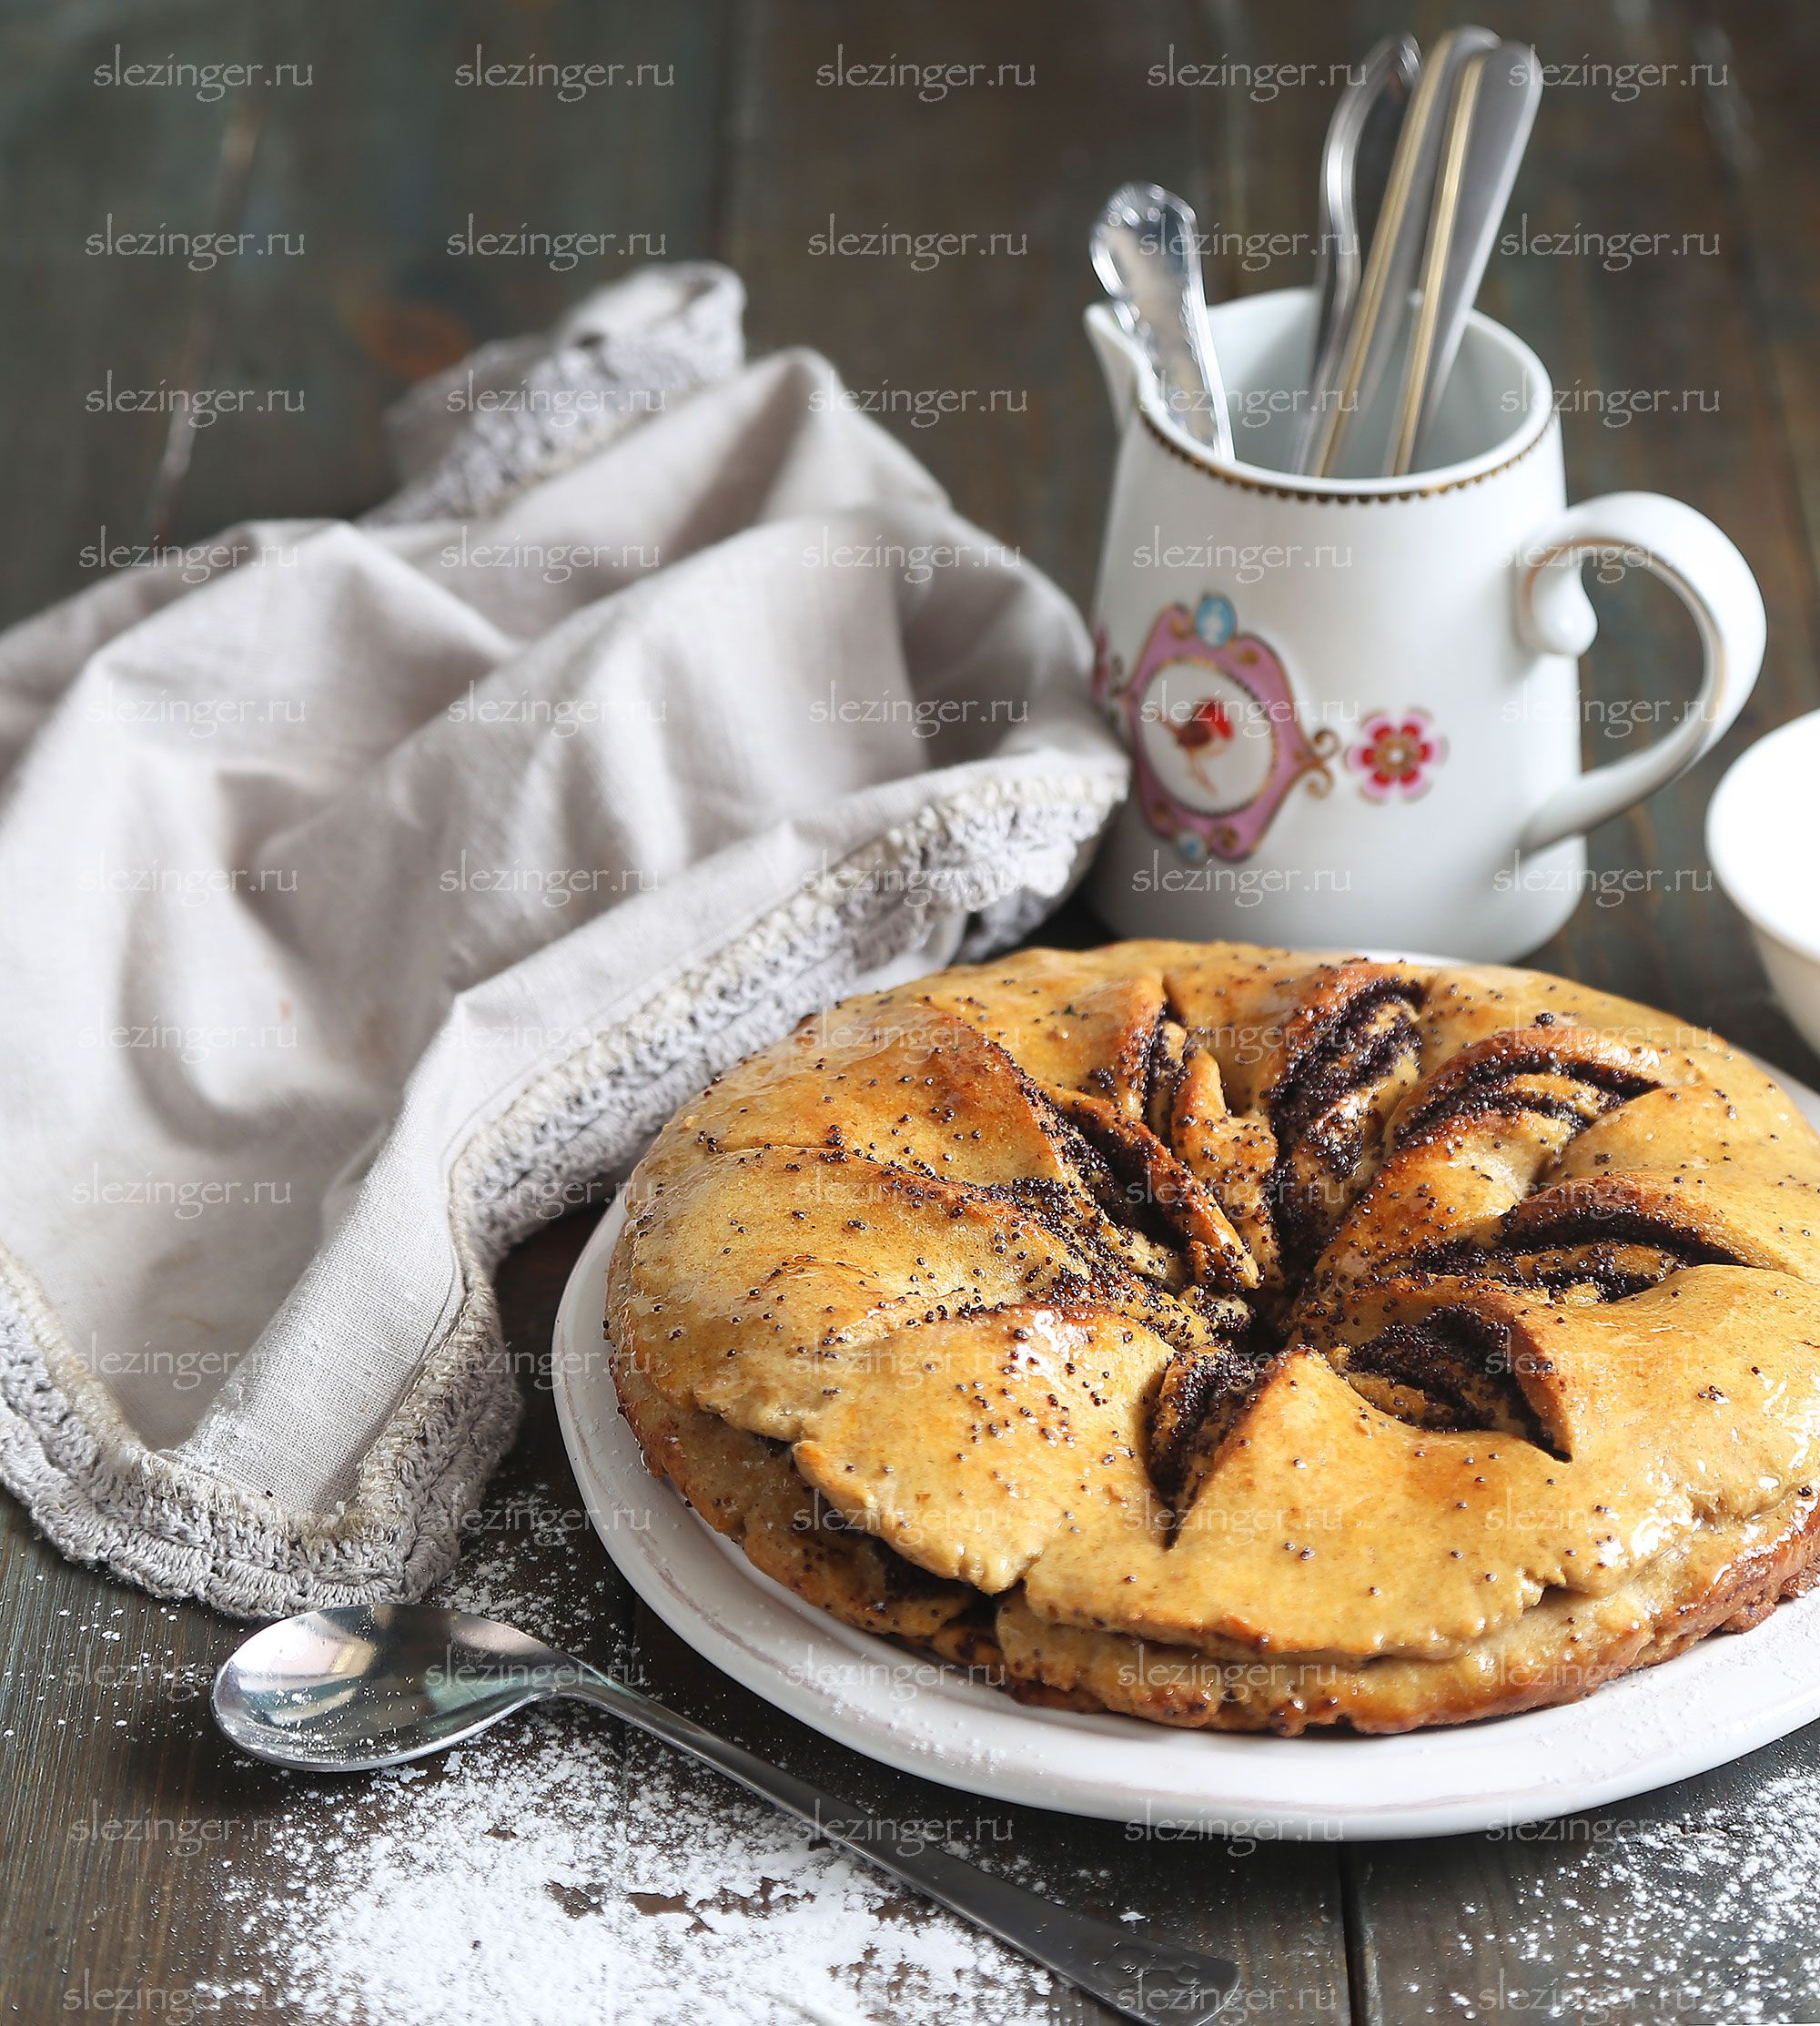 Смотреть Виды и приготовление австрийского пирога из Тироля видео